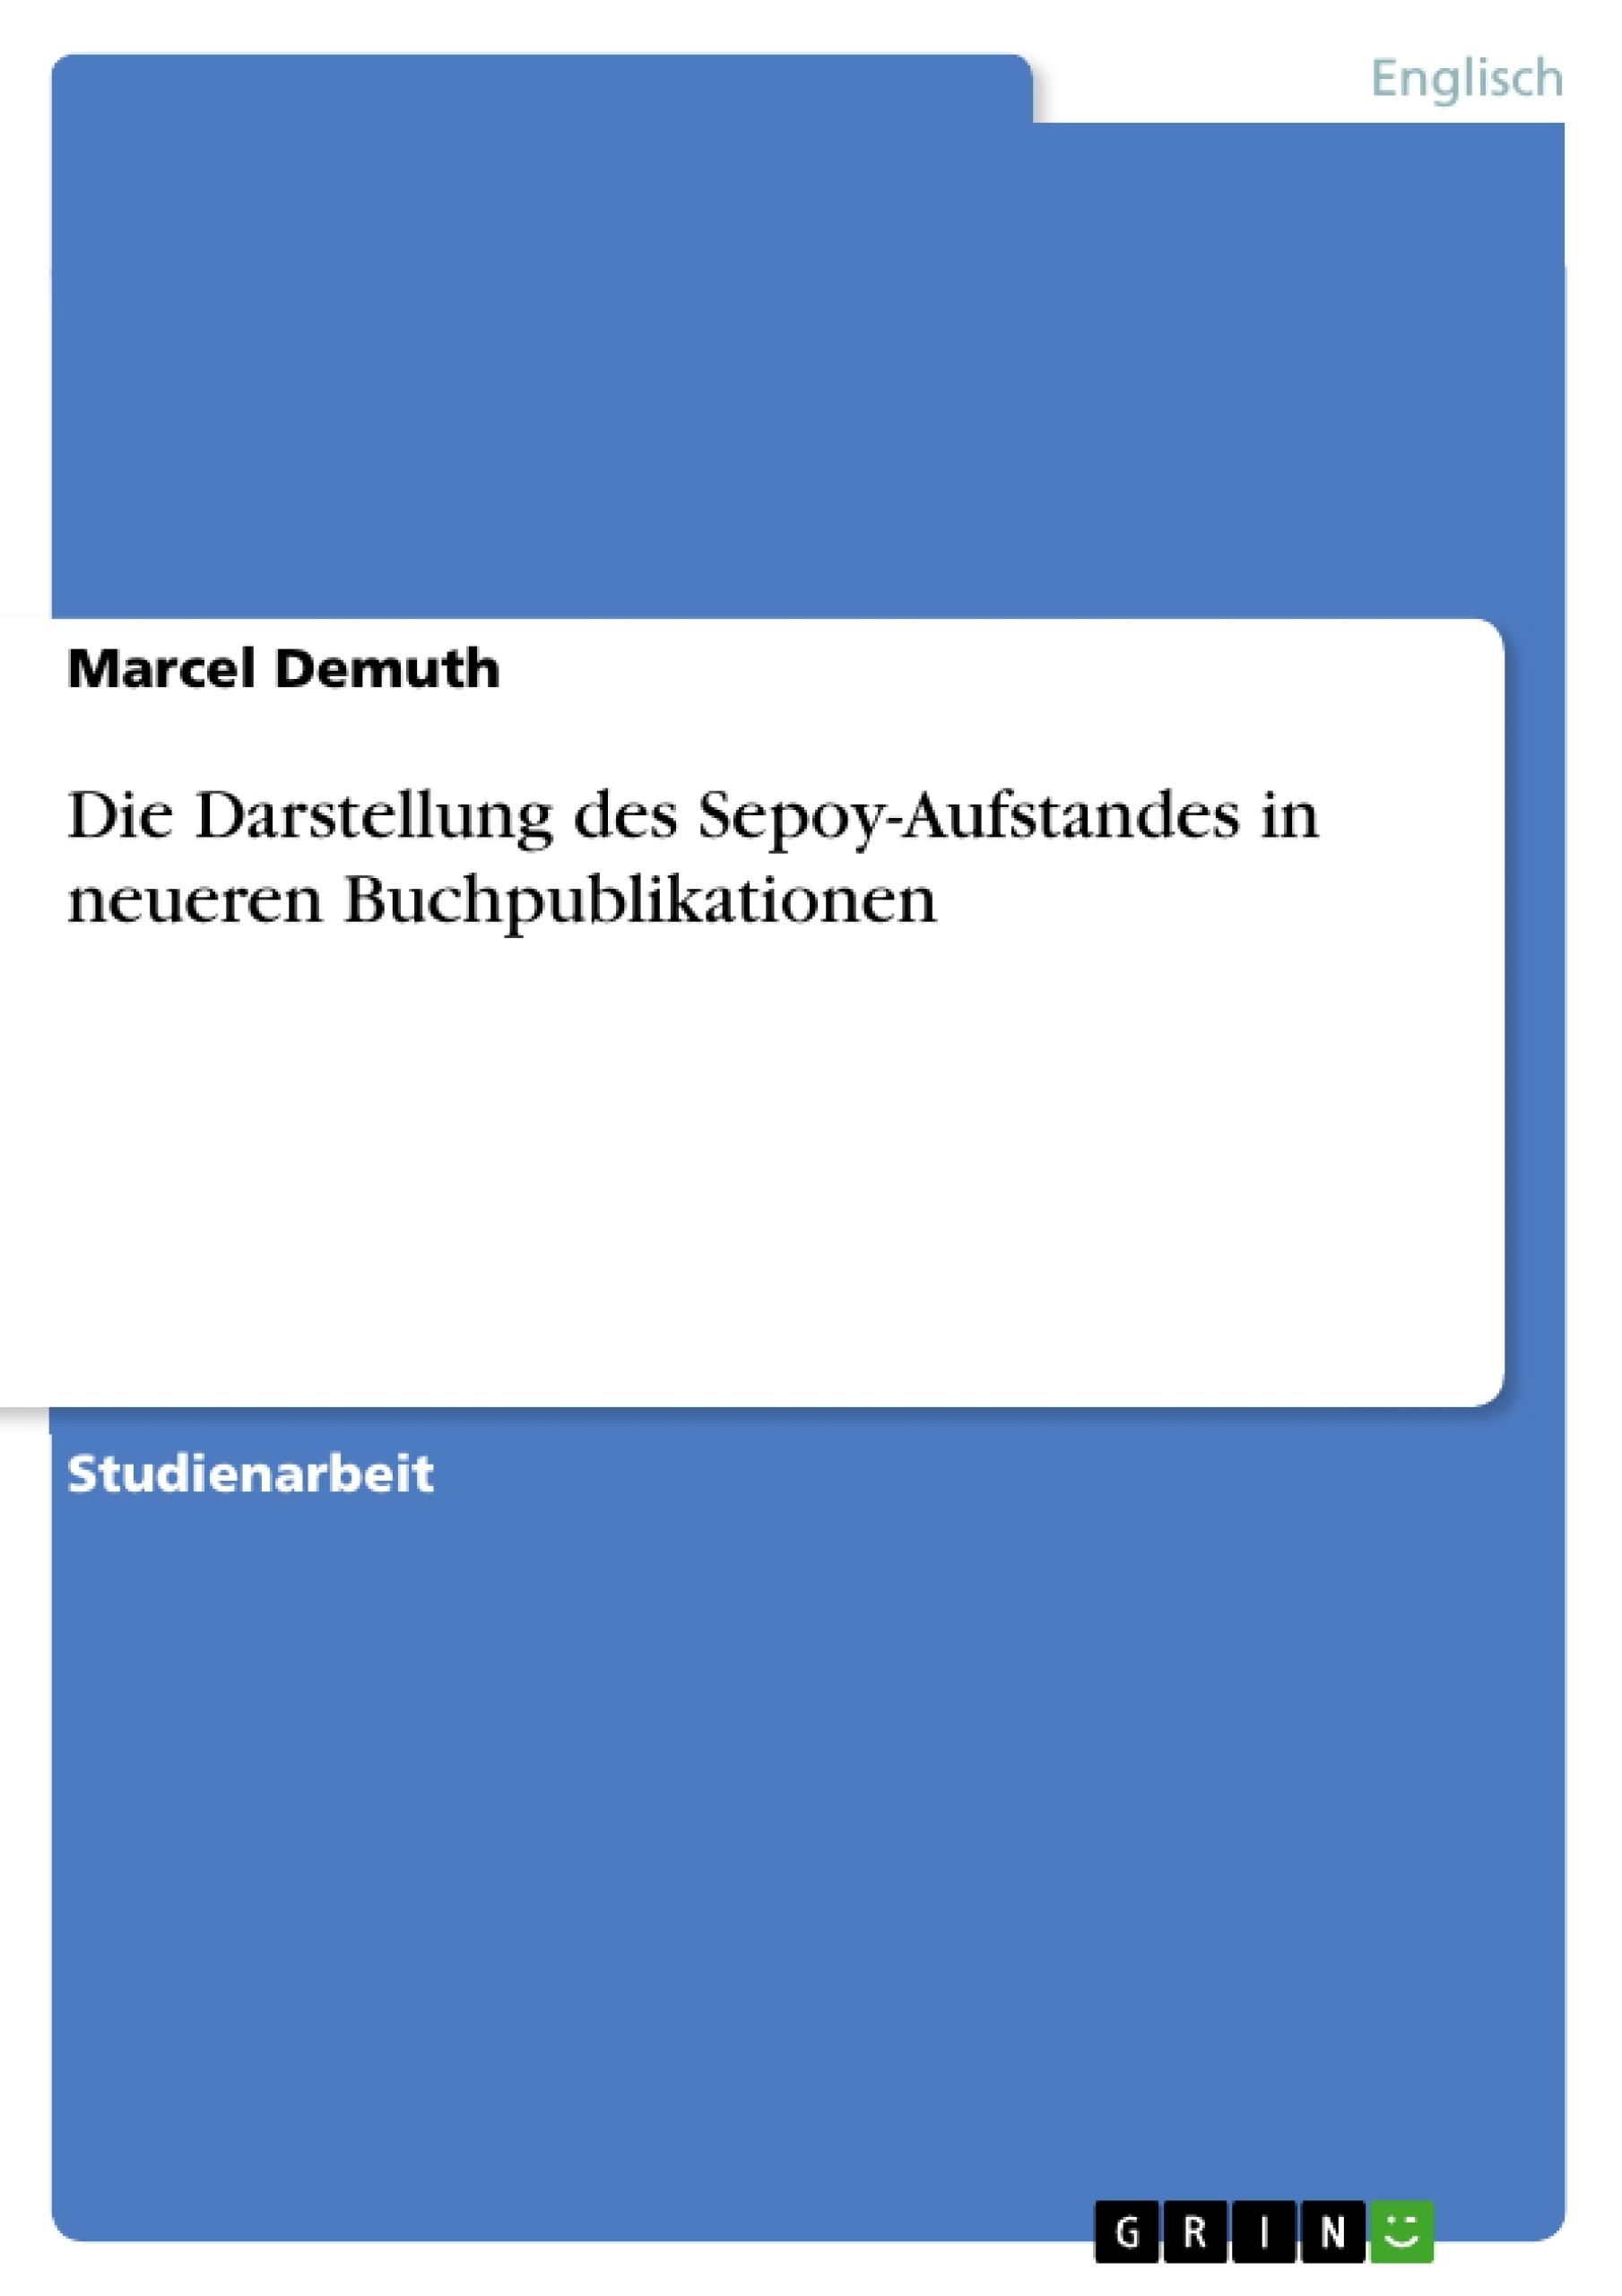 Titel: Die Darstellung des Sepoy-Aufstandes in neueren Buchpublikationen